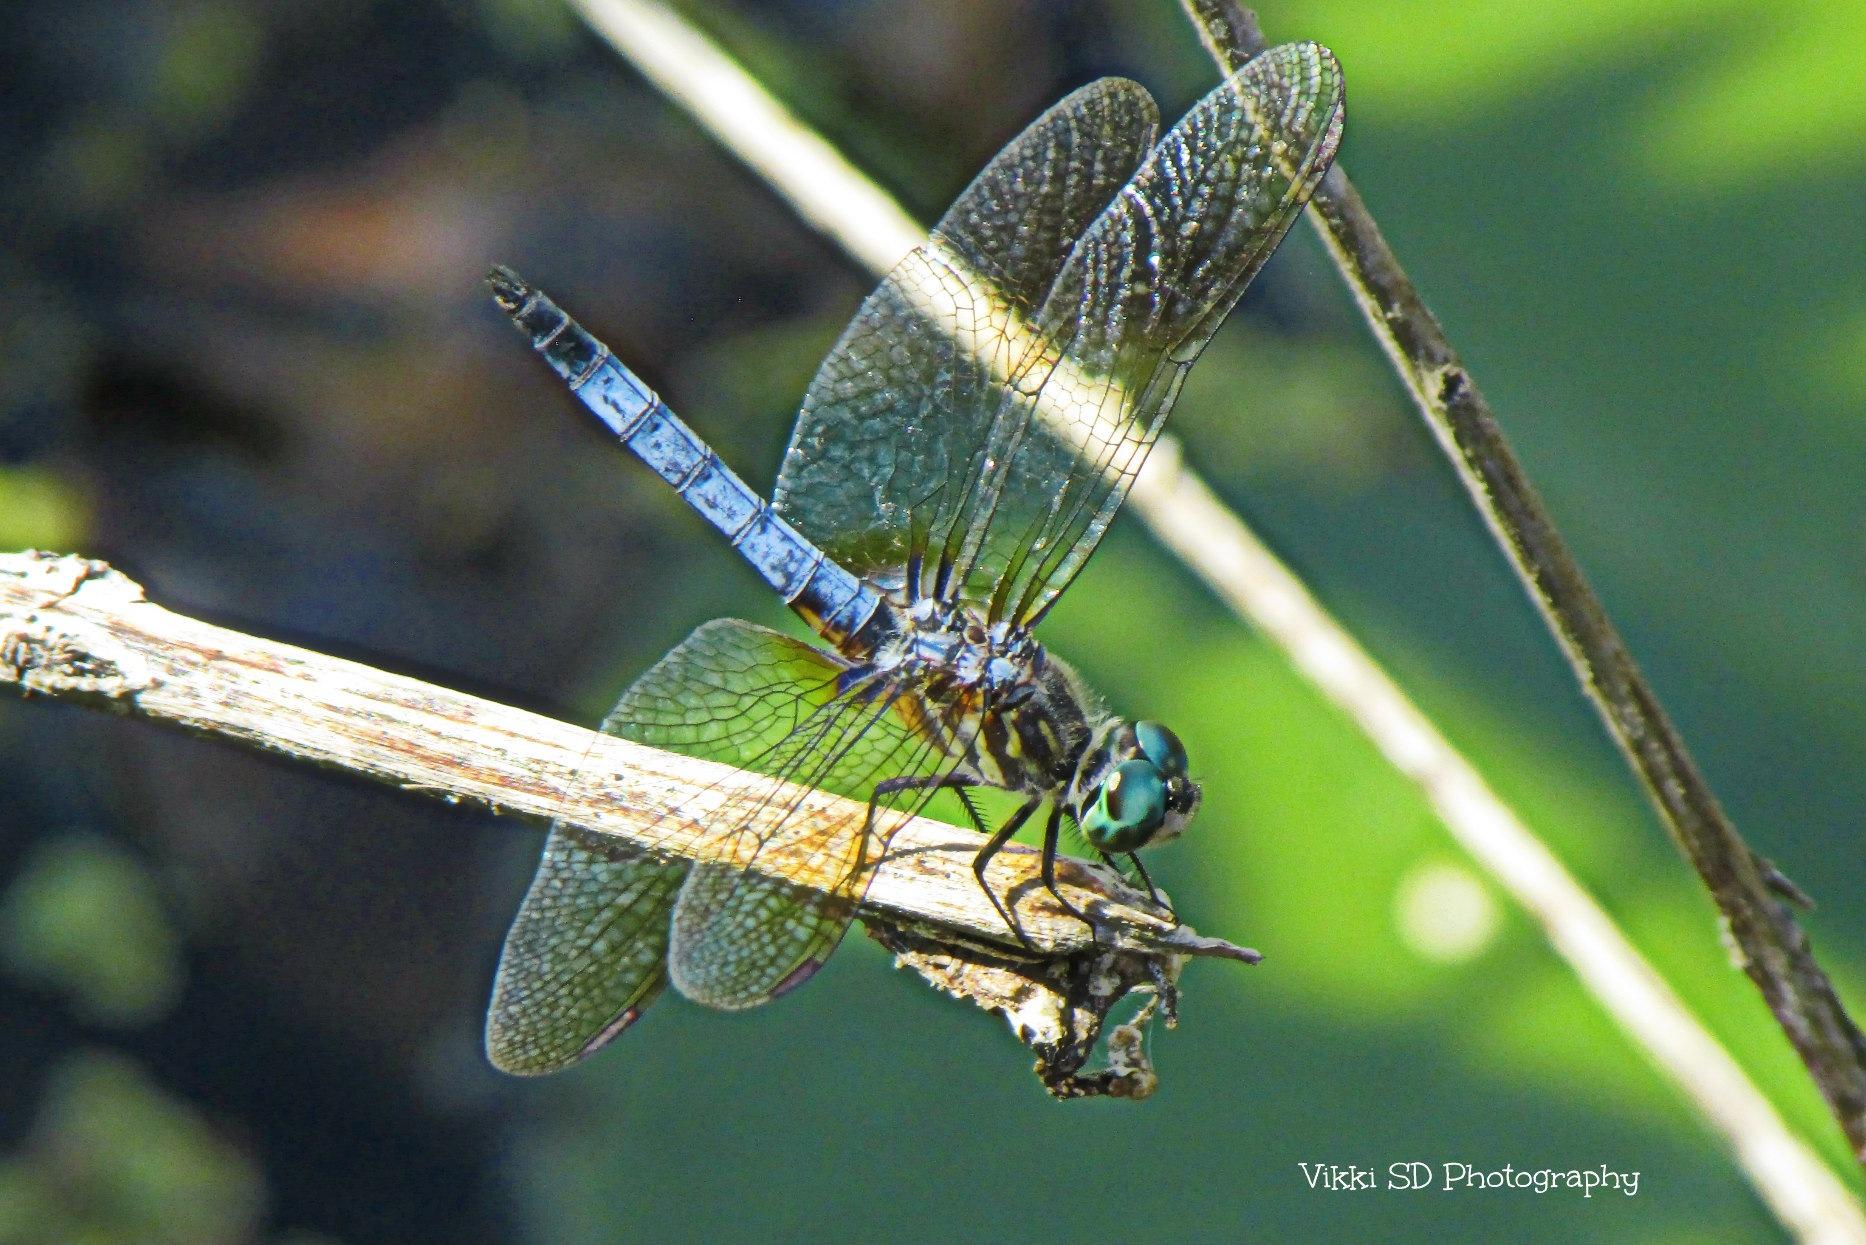 Dragonfly                            by Vikki Schifano